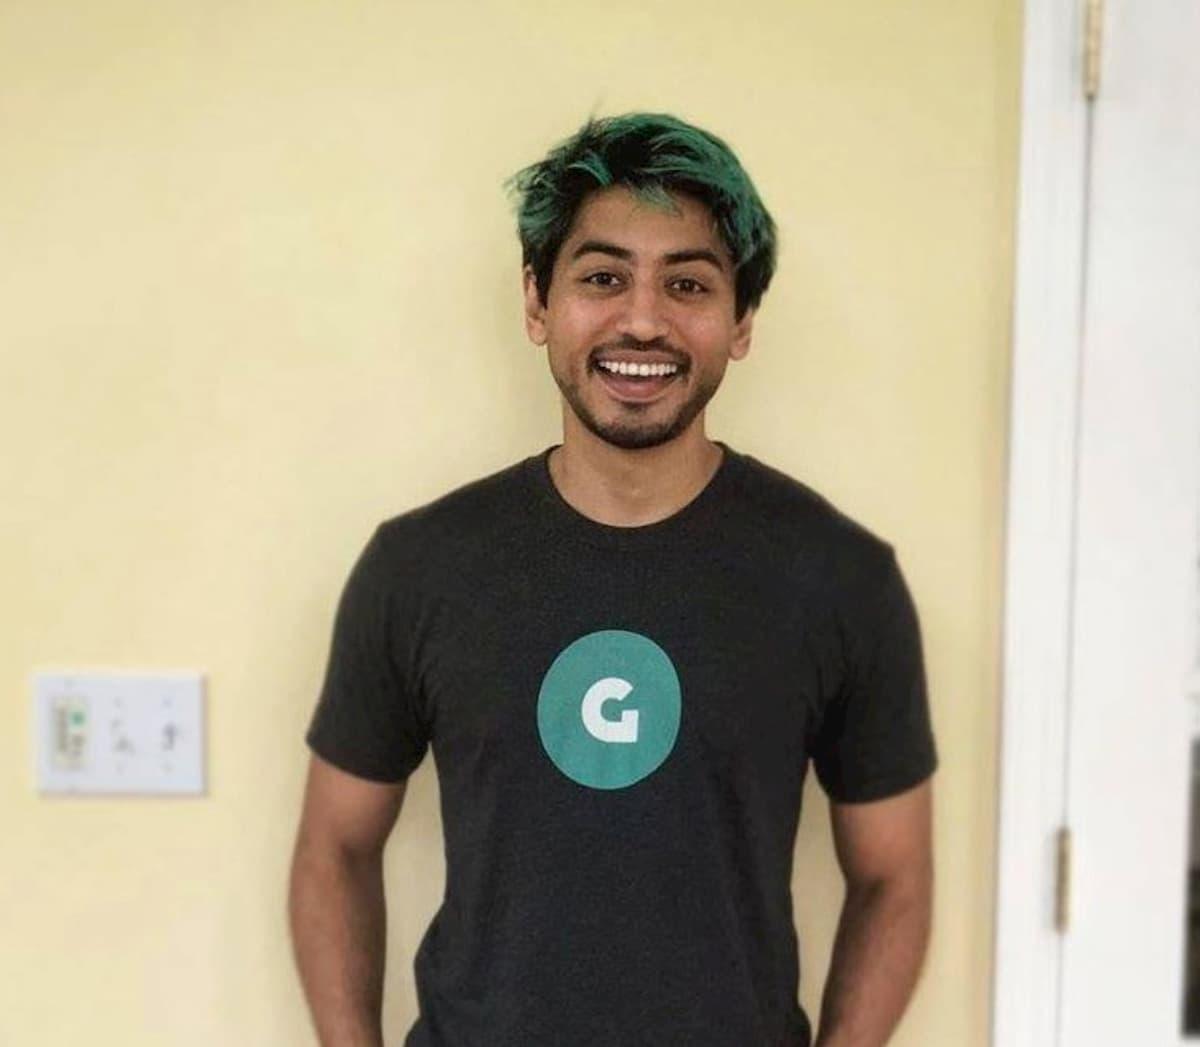 Fahim Saleh, fondatore di Gokada, è stato decapitato e fatto a pezzi a New York